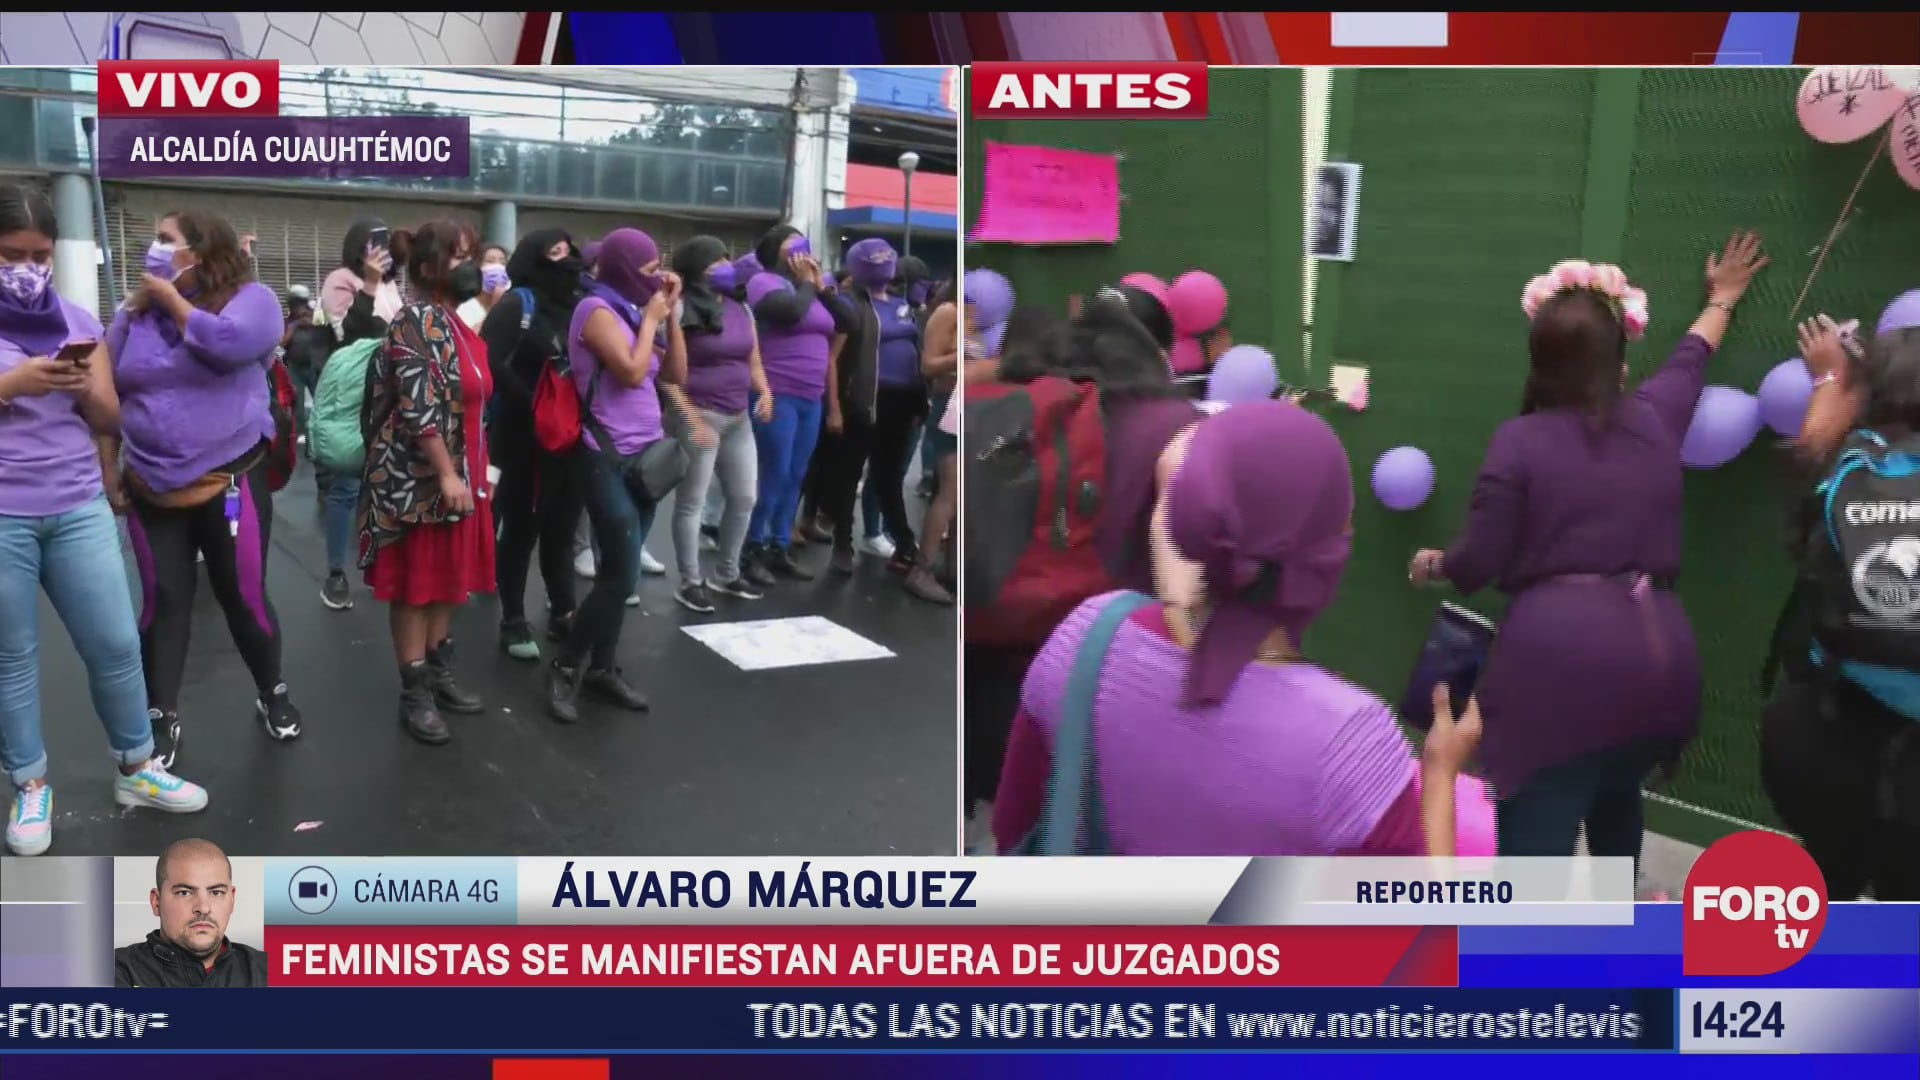 feministas se manifiestan a las afueras de la sala de juicios orales de la cdmx